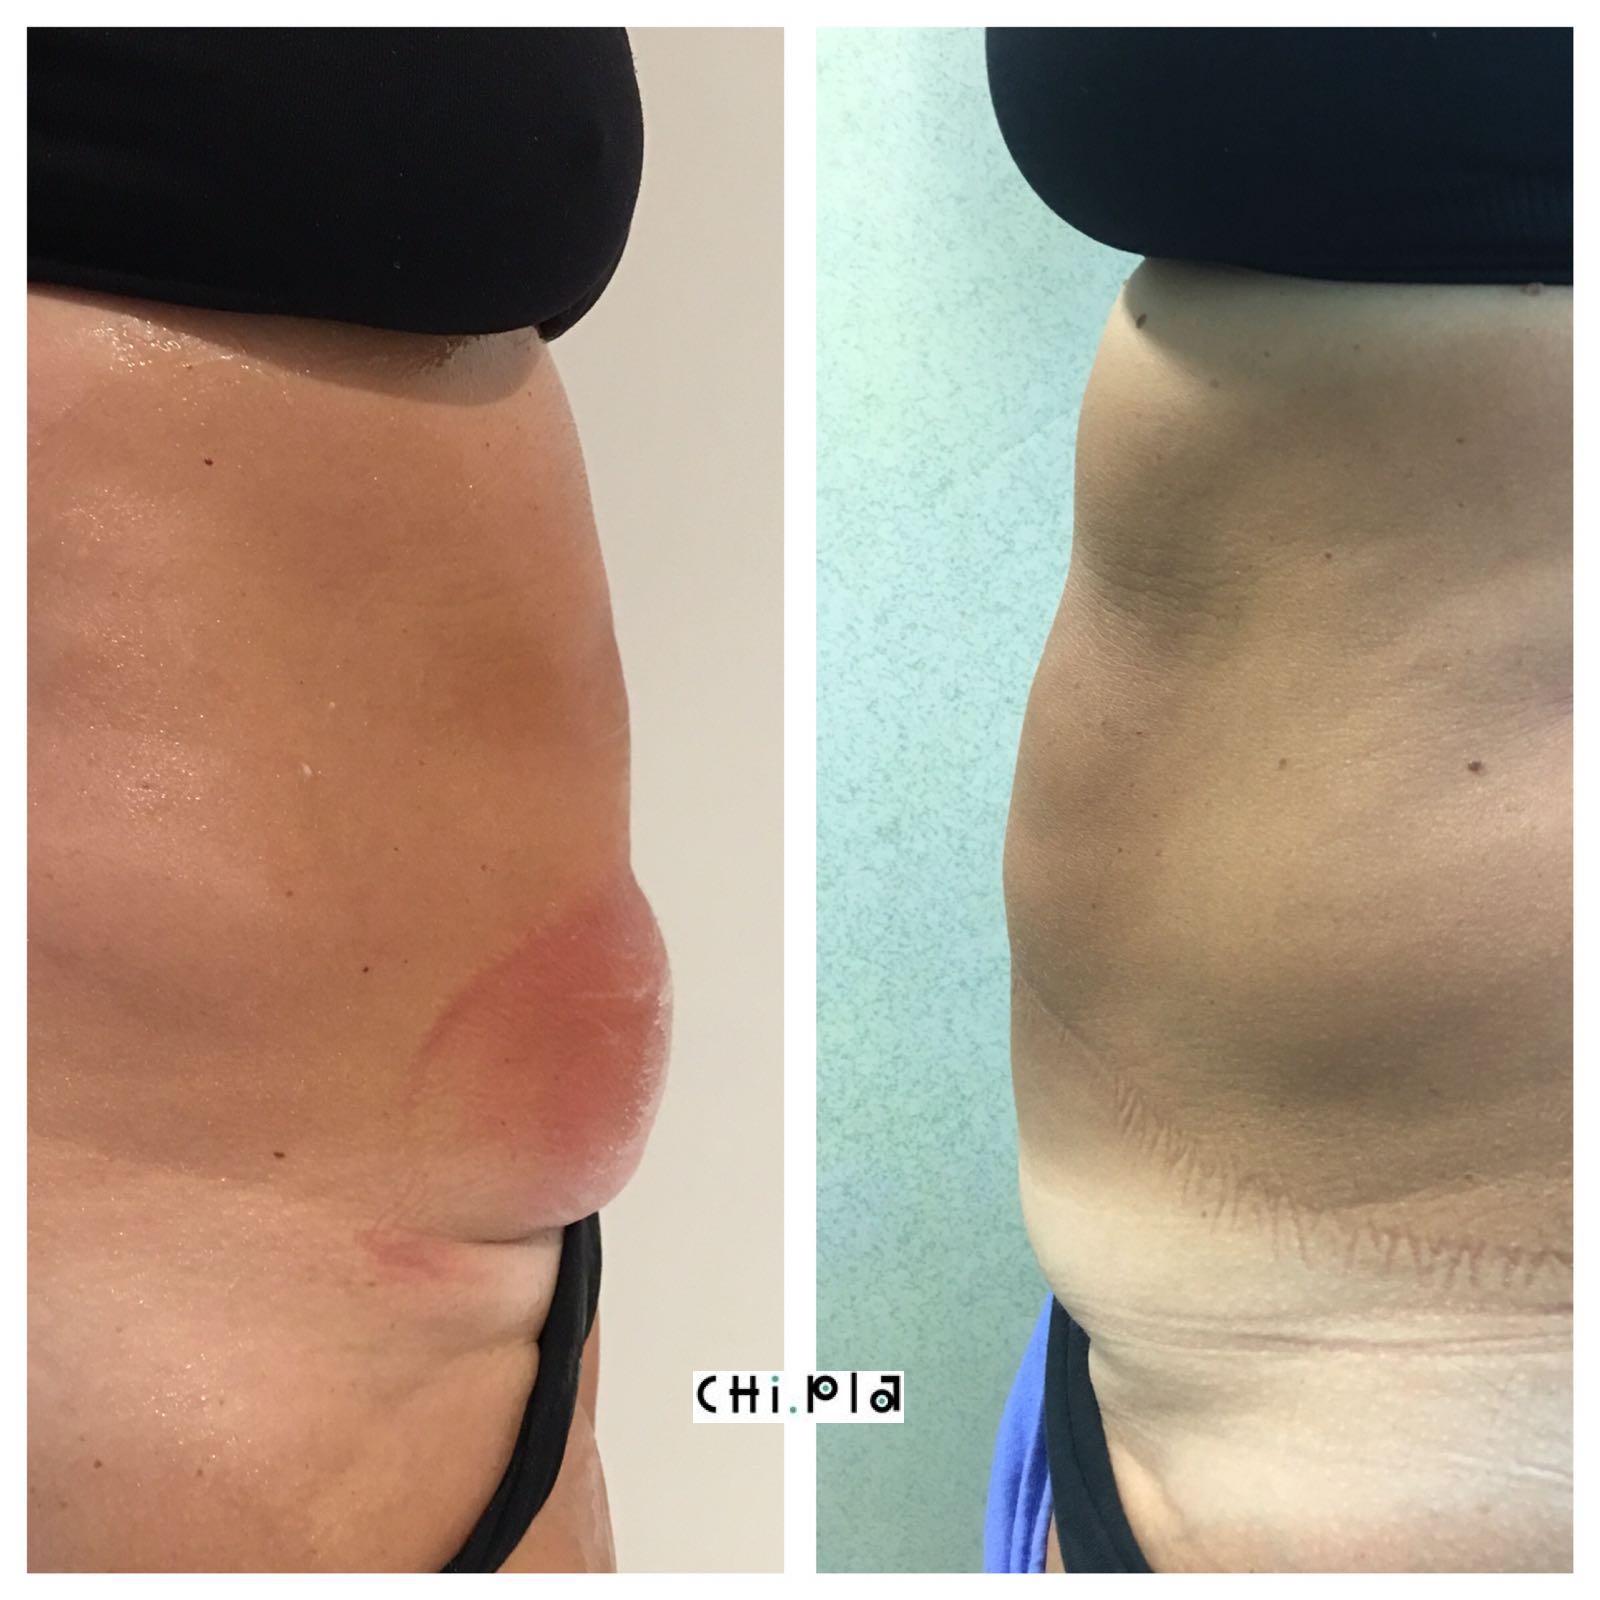 """Criolipolisi, una rivoluzione nel trattamento del grasso localizzato """"Evidence Based"""""""